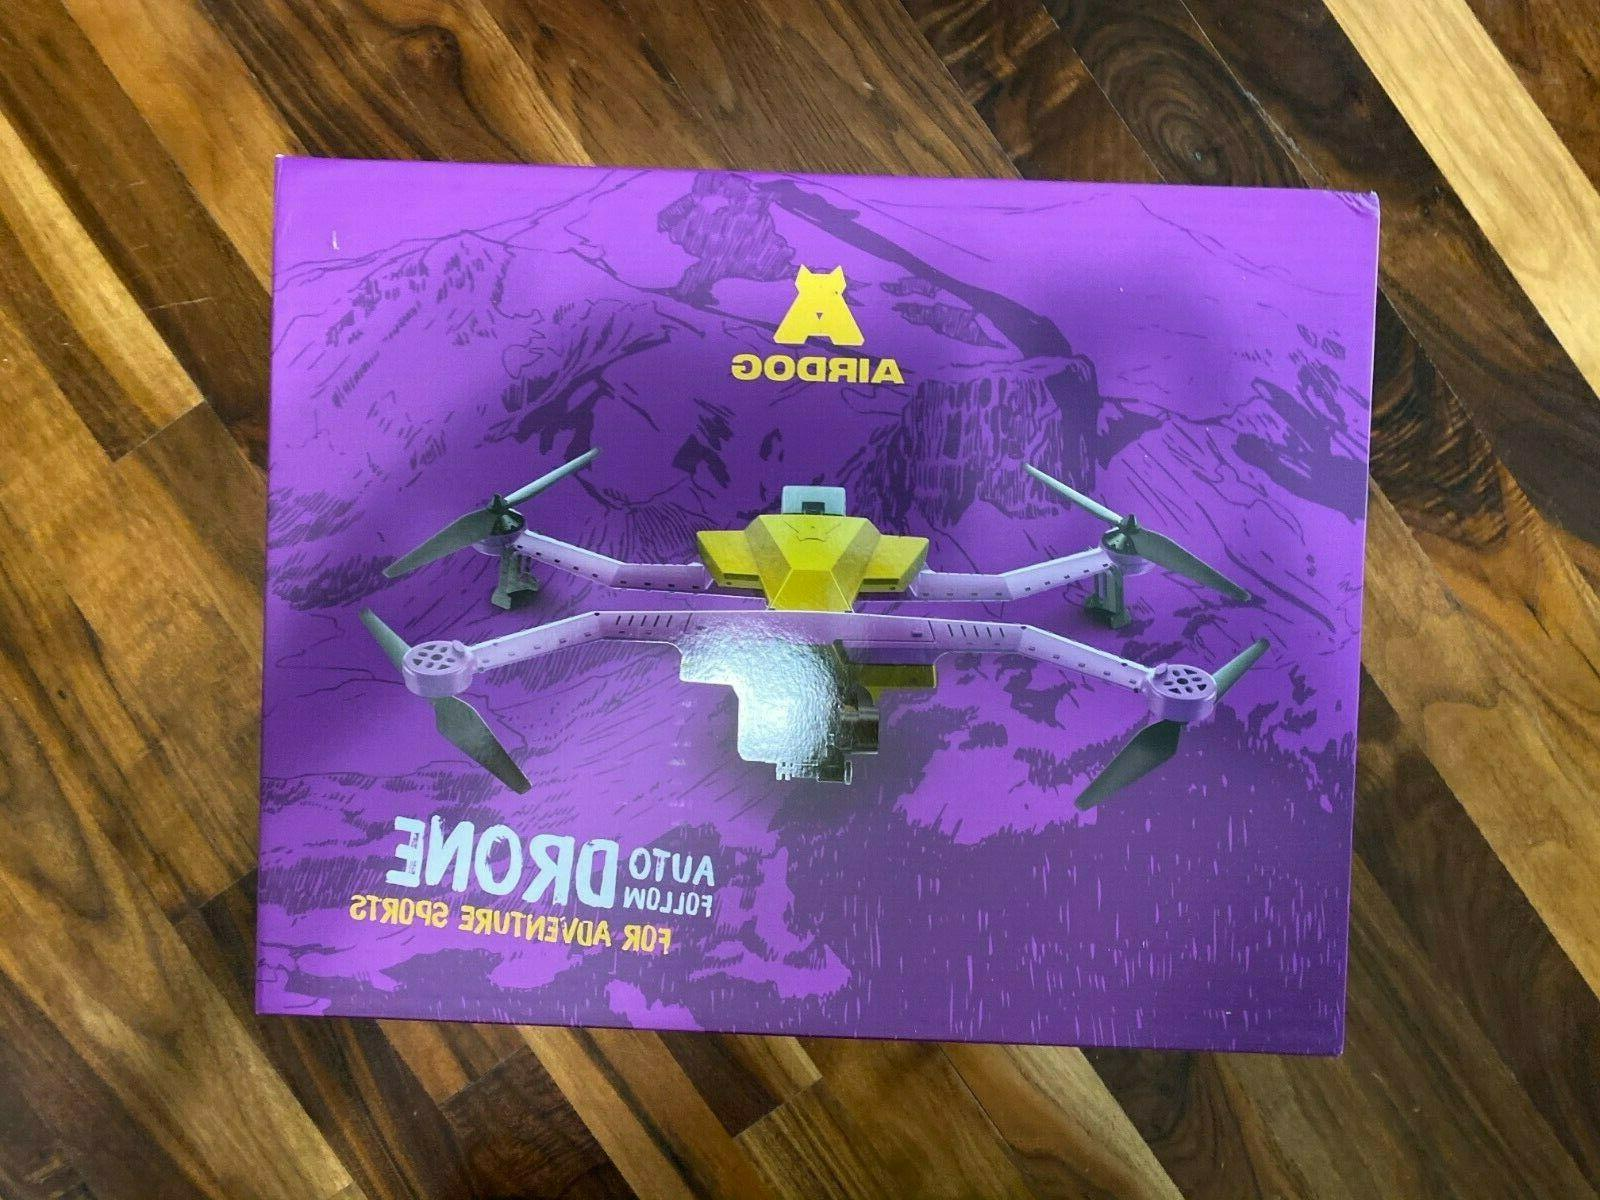 AirDog Drone / Quadcopter - NEW